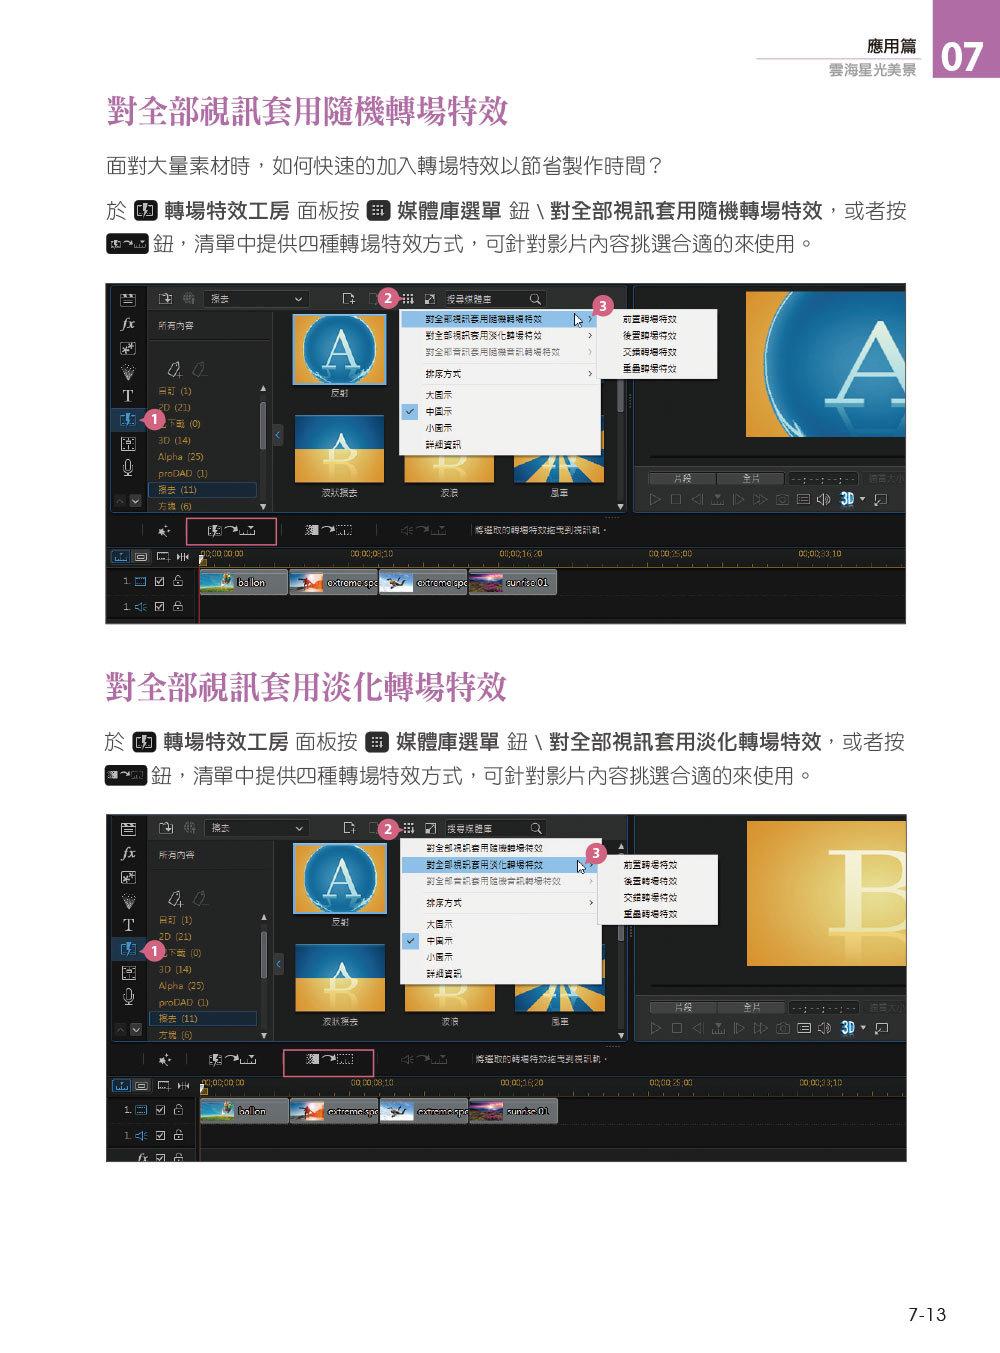 快快樂樂學威力導演15 - 影片/MV剪輯活用情報特蒐-preview-7